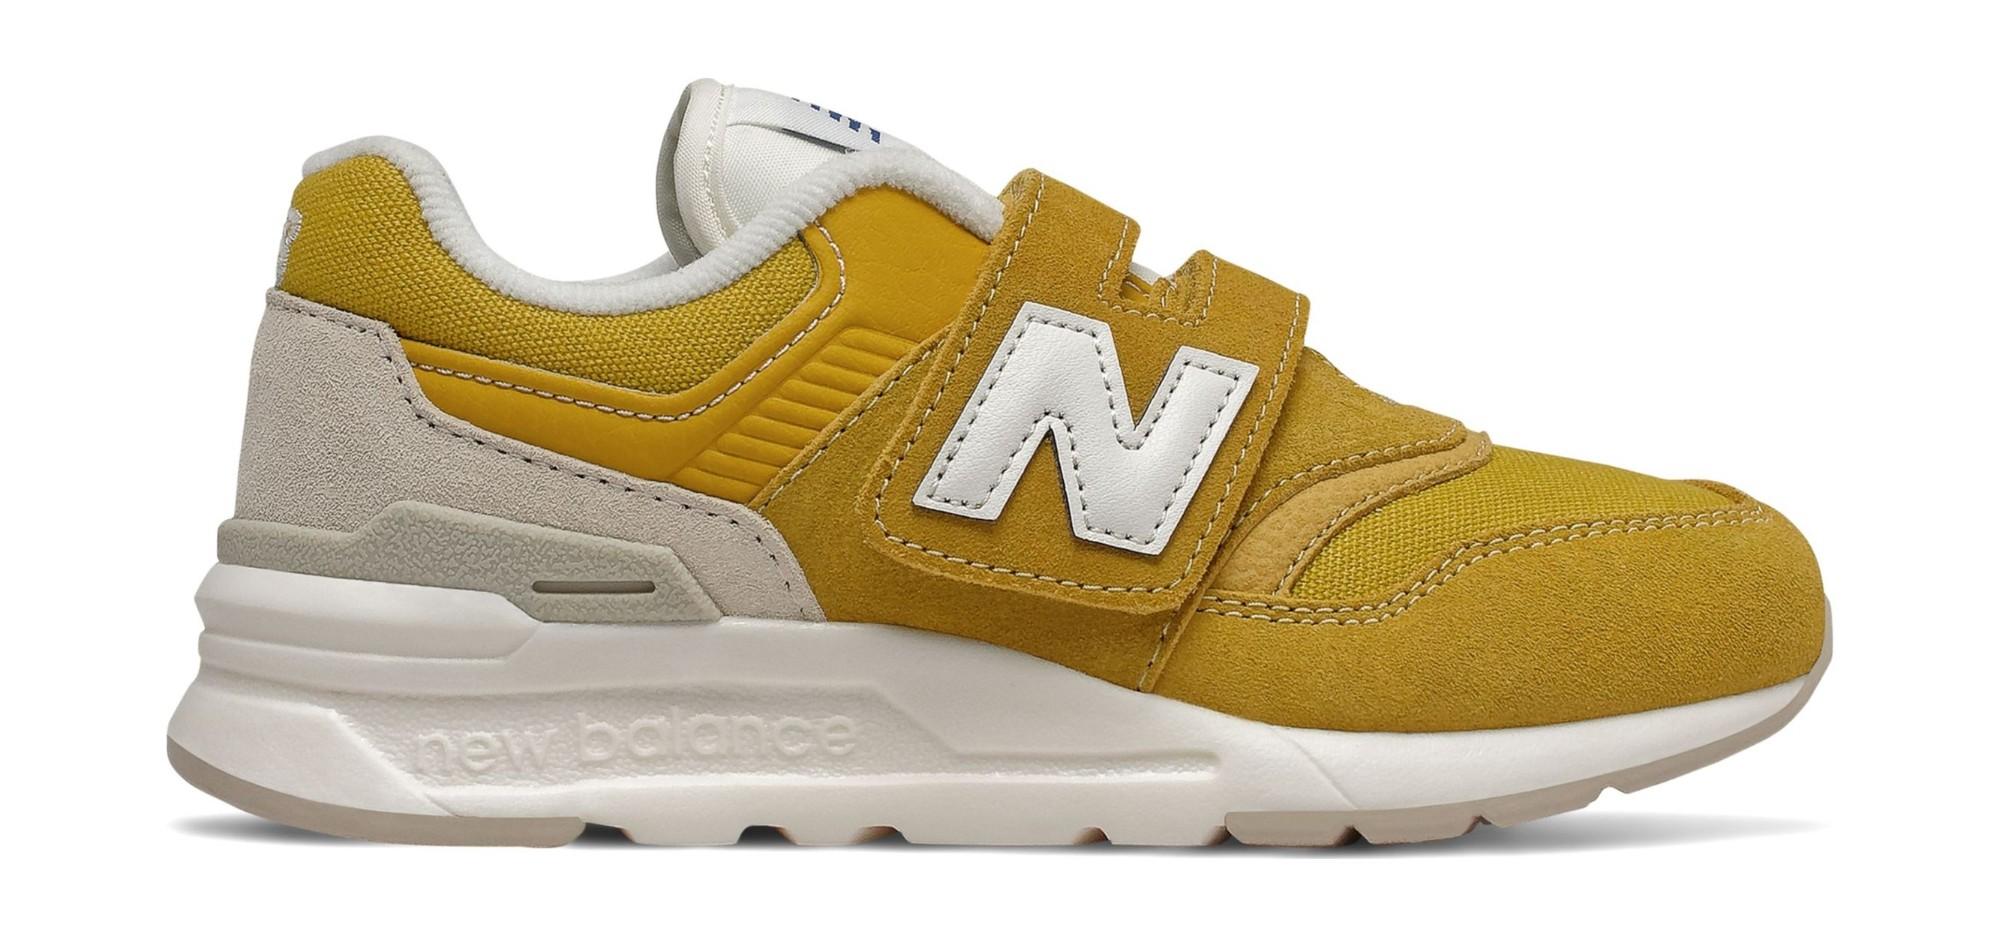 New Balance PZ997 Yellow 35